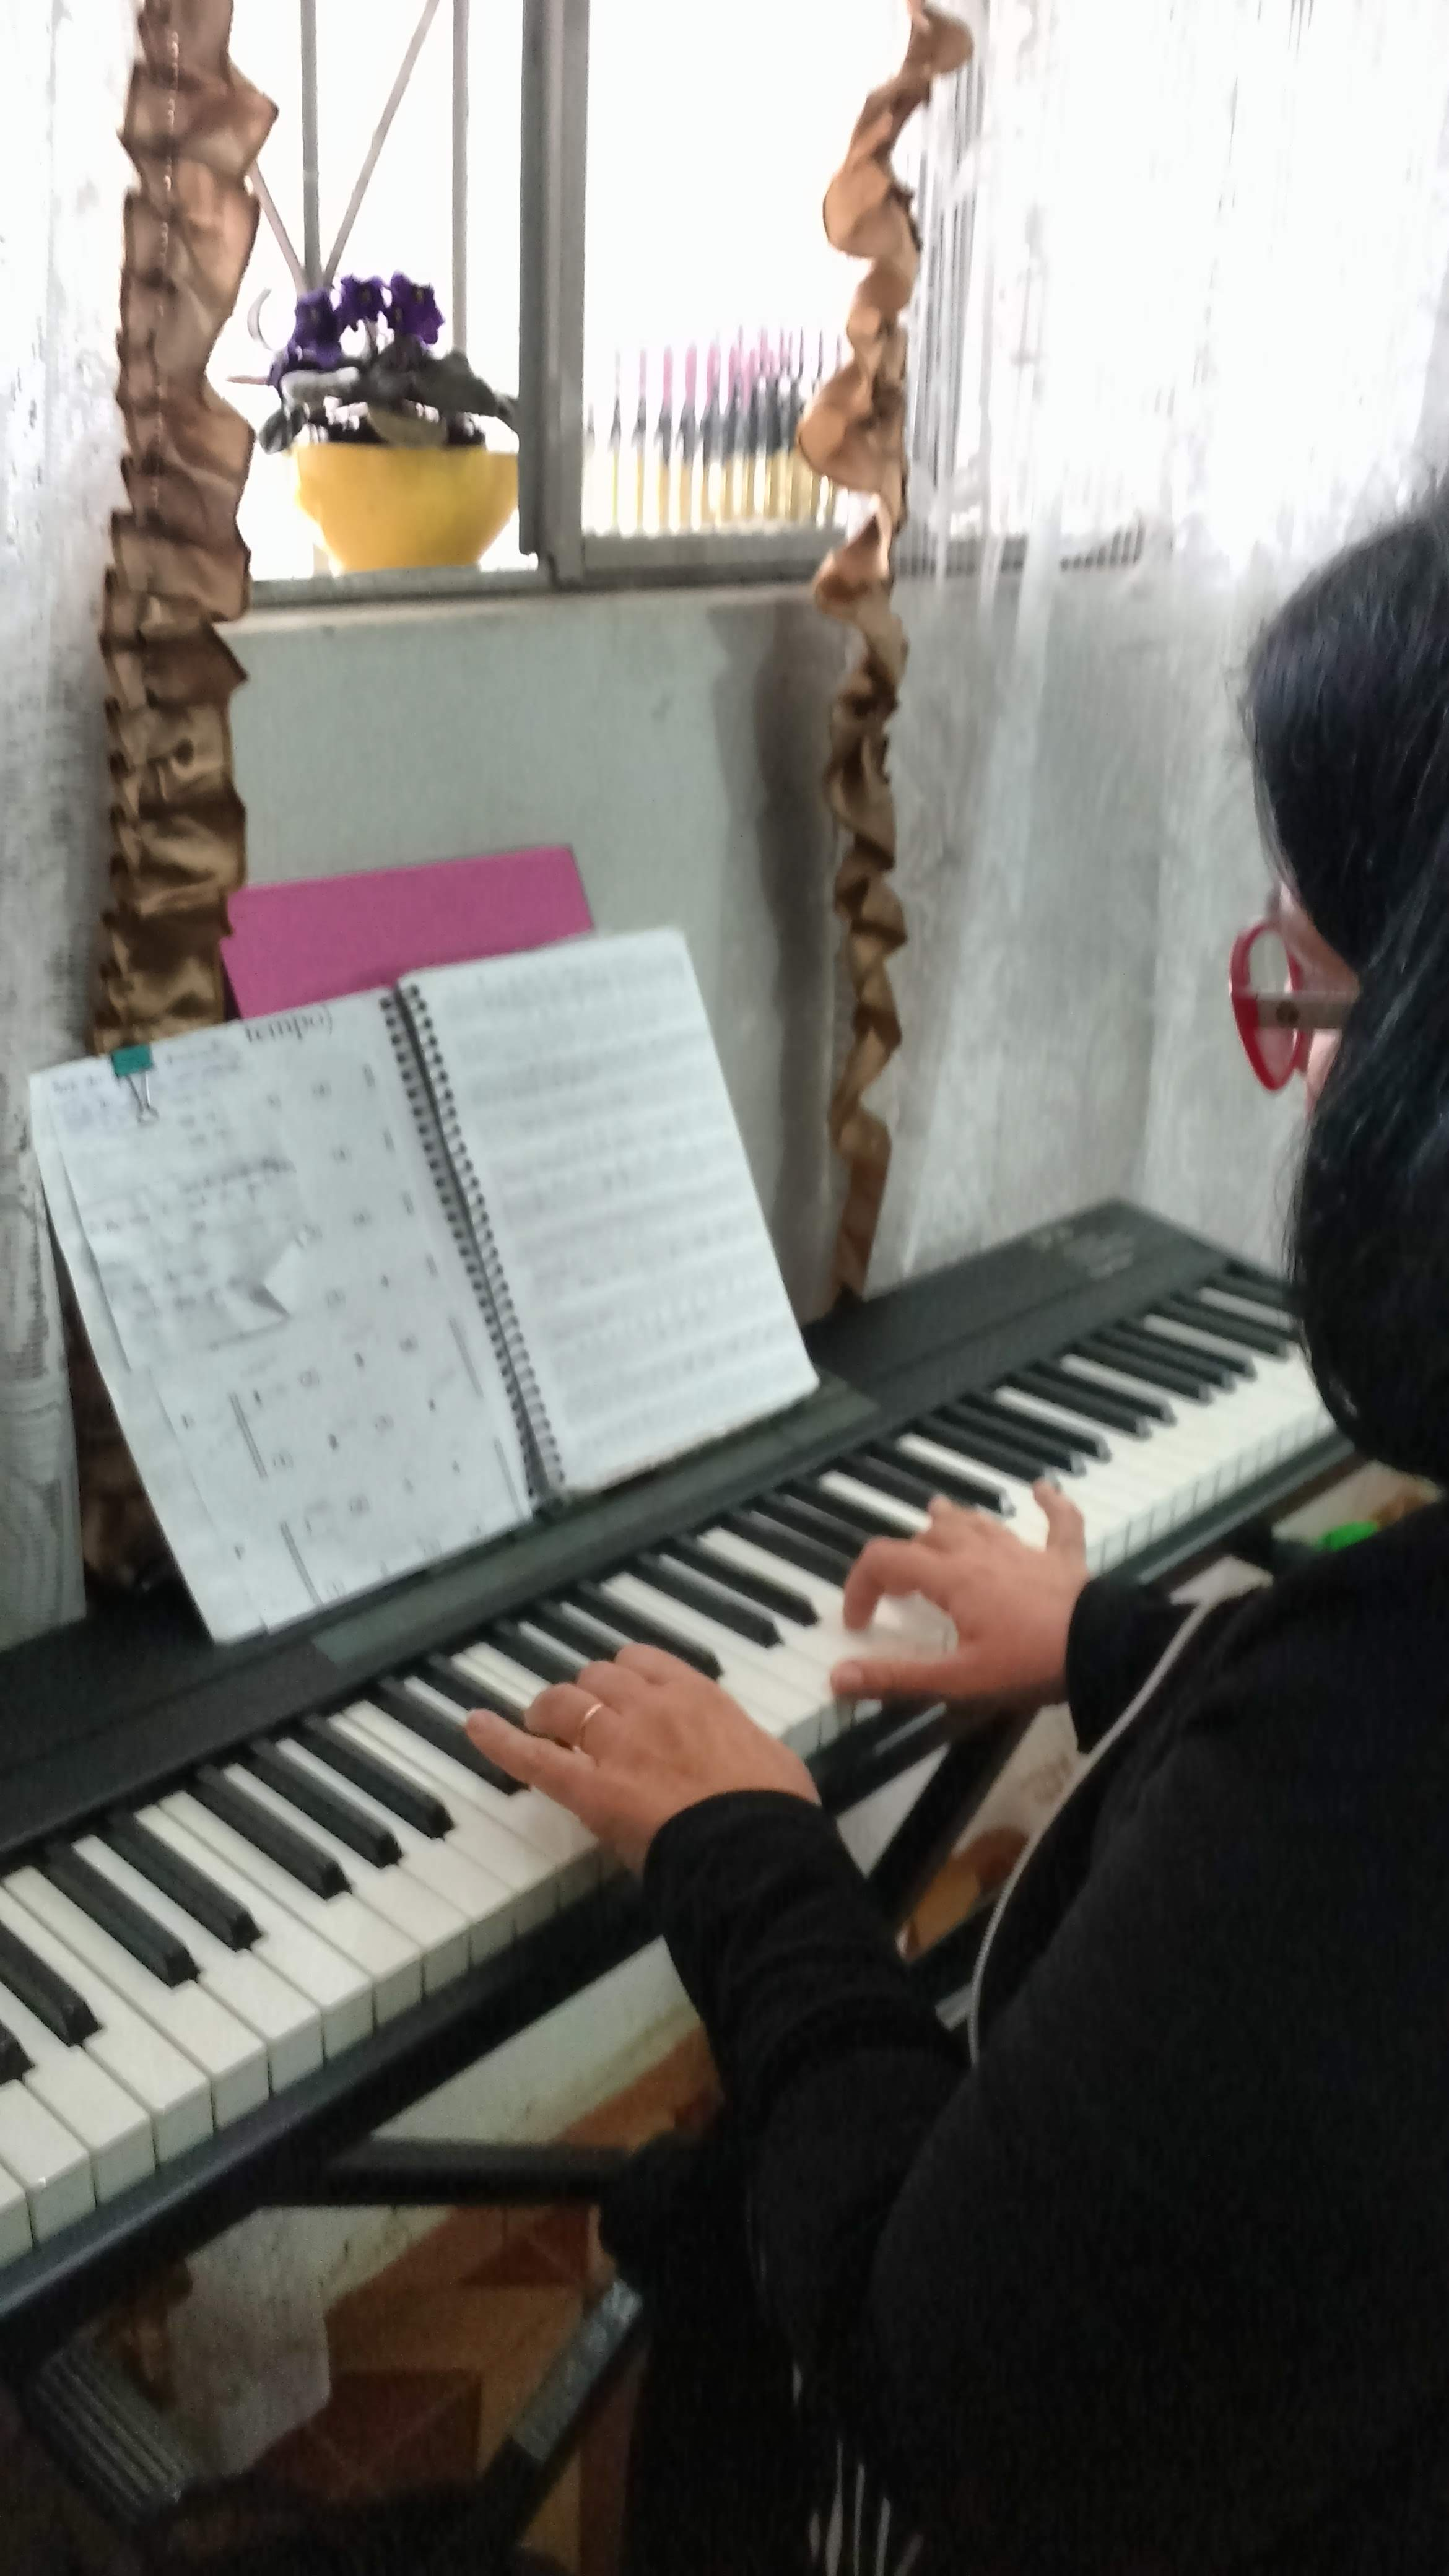 aulas de musica para mães em juiz de fora - aulas de teclado para senhoras - aulas de teclado para tocar no culto - aulas de teclado para tocar para o Senhor - teclado popular - @lucianetecladista Fale com @lucianetecladista pelo (32)98855-9211 e agende  sua aula de teclado iniciante em Juiz de Fora.  Ou compre pelo site da Loja Mineira do Musico e estude em casa pelas partituras, playbacks e muito mais. @lojamineiradomusico  quanto custa uma aula de teclado, aula particular de teclado, tabela de preços de aula de musica, professor de teclado particular, aula de piano jf, aulas de teclado preço, quanto custa uma aula de teclado, aula de teclado preço, Piano Completo para Iniciantes, piano por música, piano de ouvido, aulas particulares de teclado, Tocar de ouvido e por partitura,  Não é necessário conhecimento prévio de música, piano ou teclado A partir de sete anos, sem limite de idade É recomendável ter um teclado de 61 a 88 teclas   Curso estruturado para os Iniciantes e para os que desejam retomar os estudos.  Através de agradáveis lições práticas e teóricas, gosto de ir criando o curso adaptando-o à você e ao seu estilo de aprenduzado,  trabalho com estudantes de todas as idades que desejam entrar pra começar o curso ou se aprimorar no maravilhoso mundo da musica, quem parou e quer recomeçar,  e quem nunca tocou, estou preparada para receber você e acompanhar seu crescimento.   Logo você estará apto a executar várias músicas.